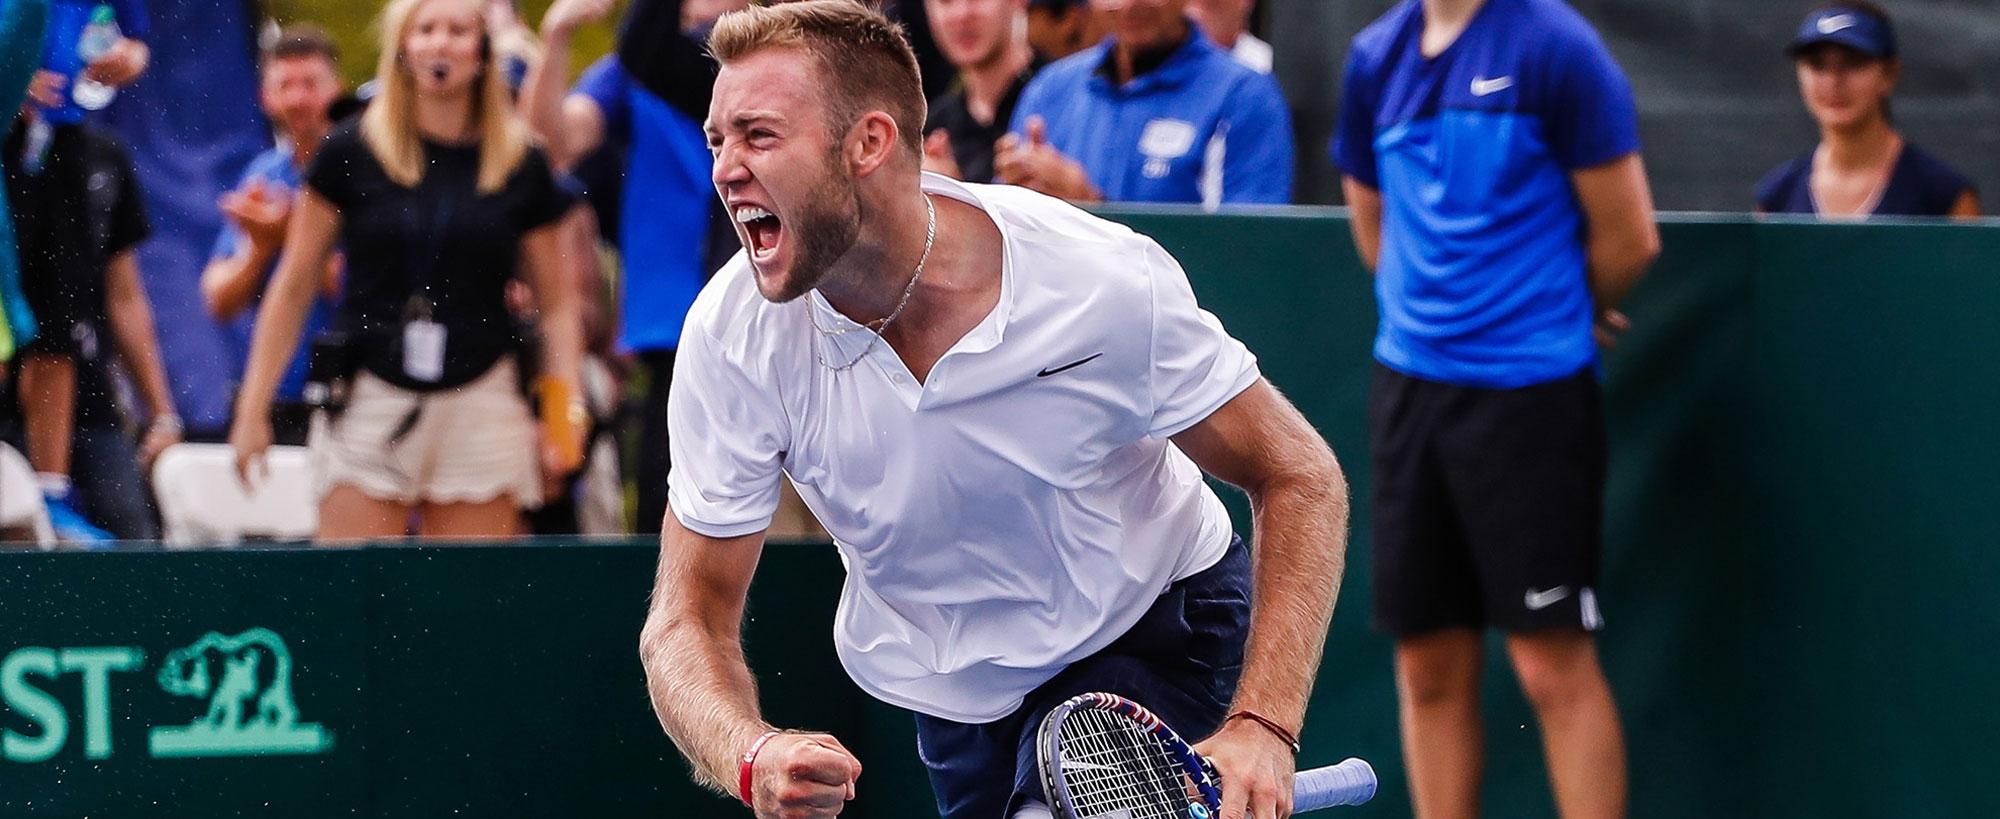 Davis Cup by BNP Paribas First Round: USA v Switzerland